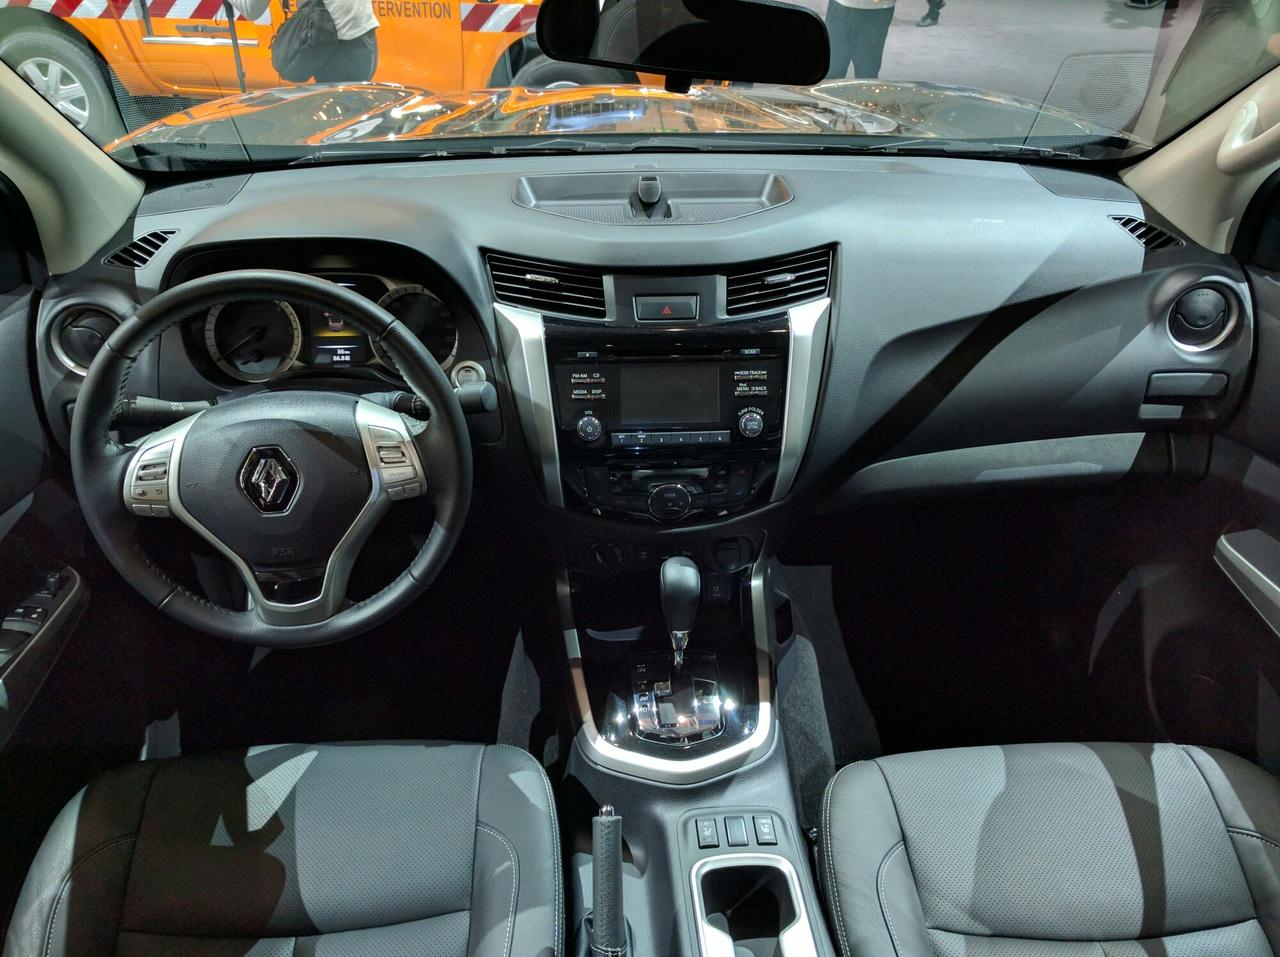 Renault презентовал серийный пикап Alaskan 4